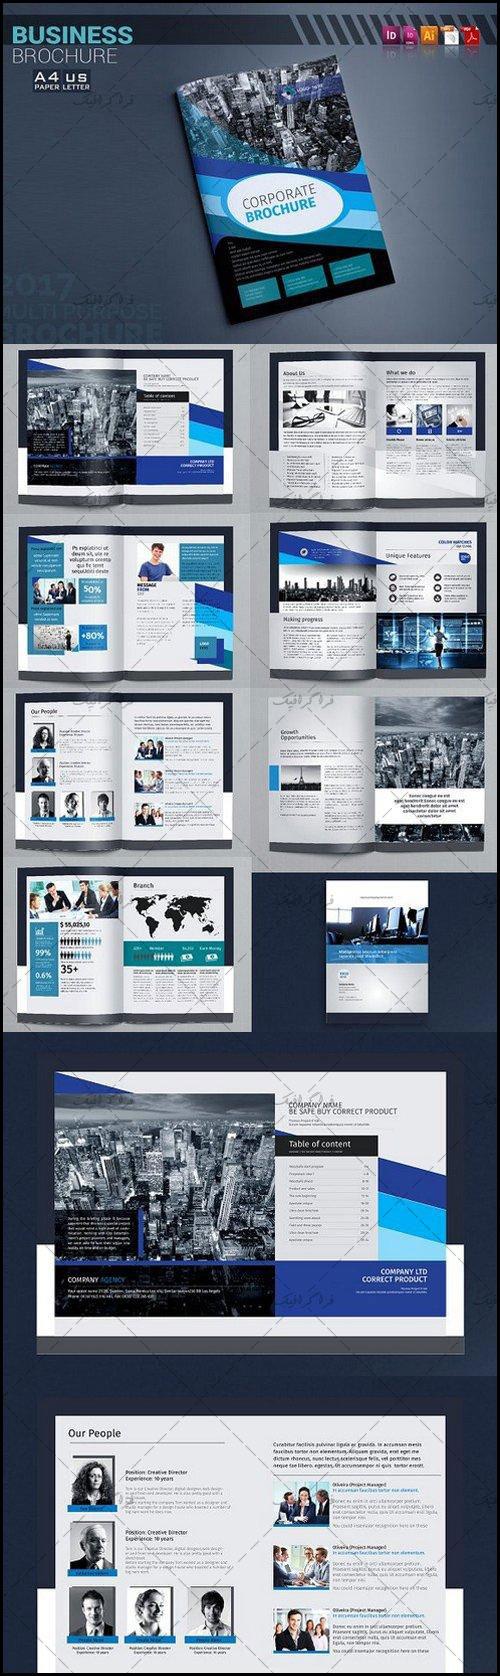 دانلود فایل لایه باز ایندیزاین بروشور شرکتی - شماره 41